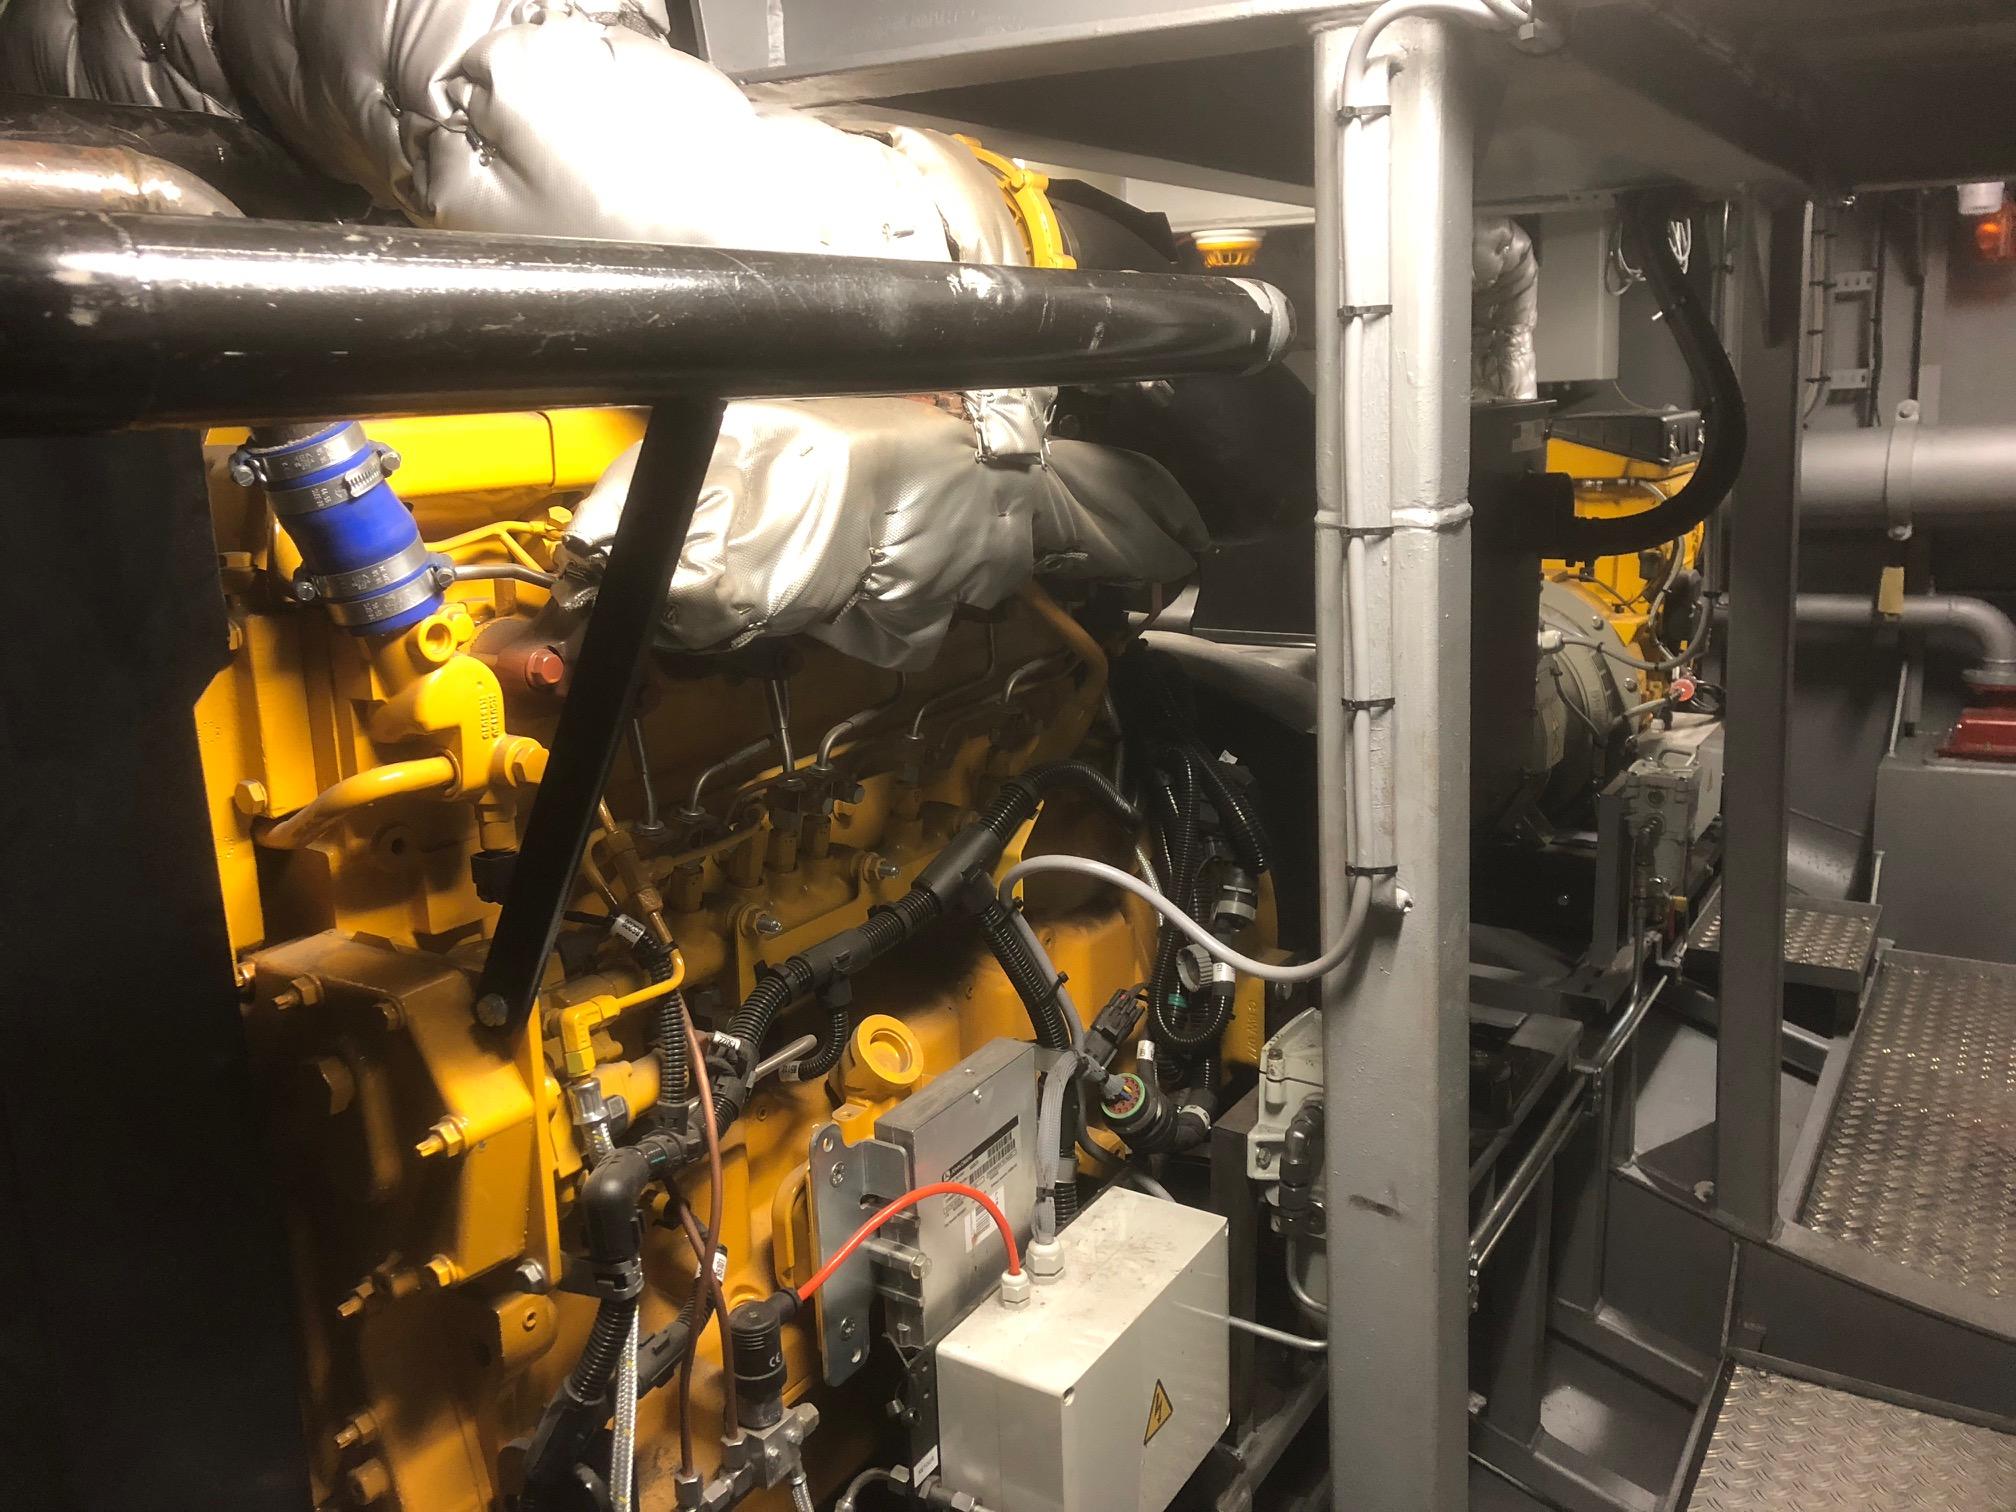 Groeneveldt Marine Service Scheepsmotor Inbouw hermotoriseringen service onderhoud